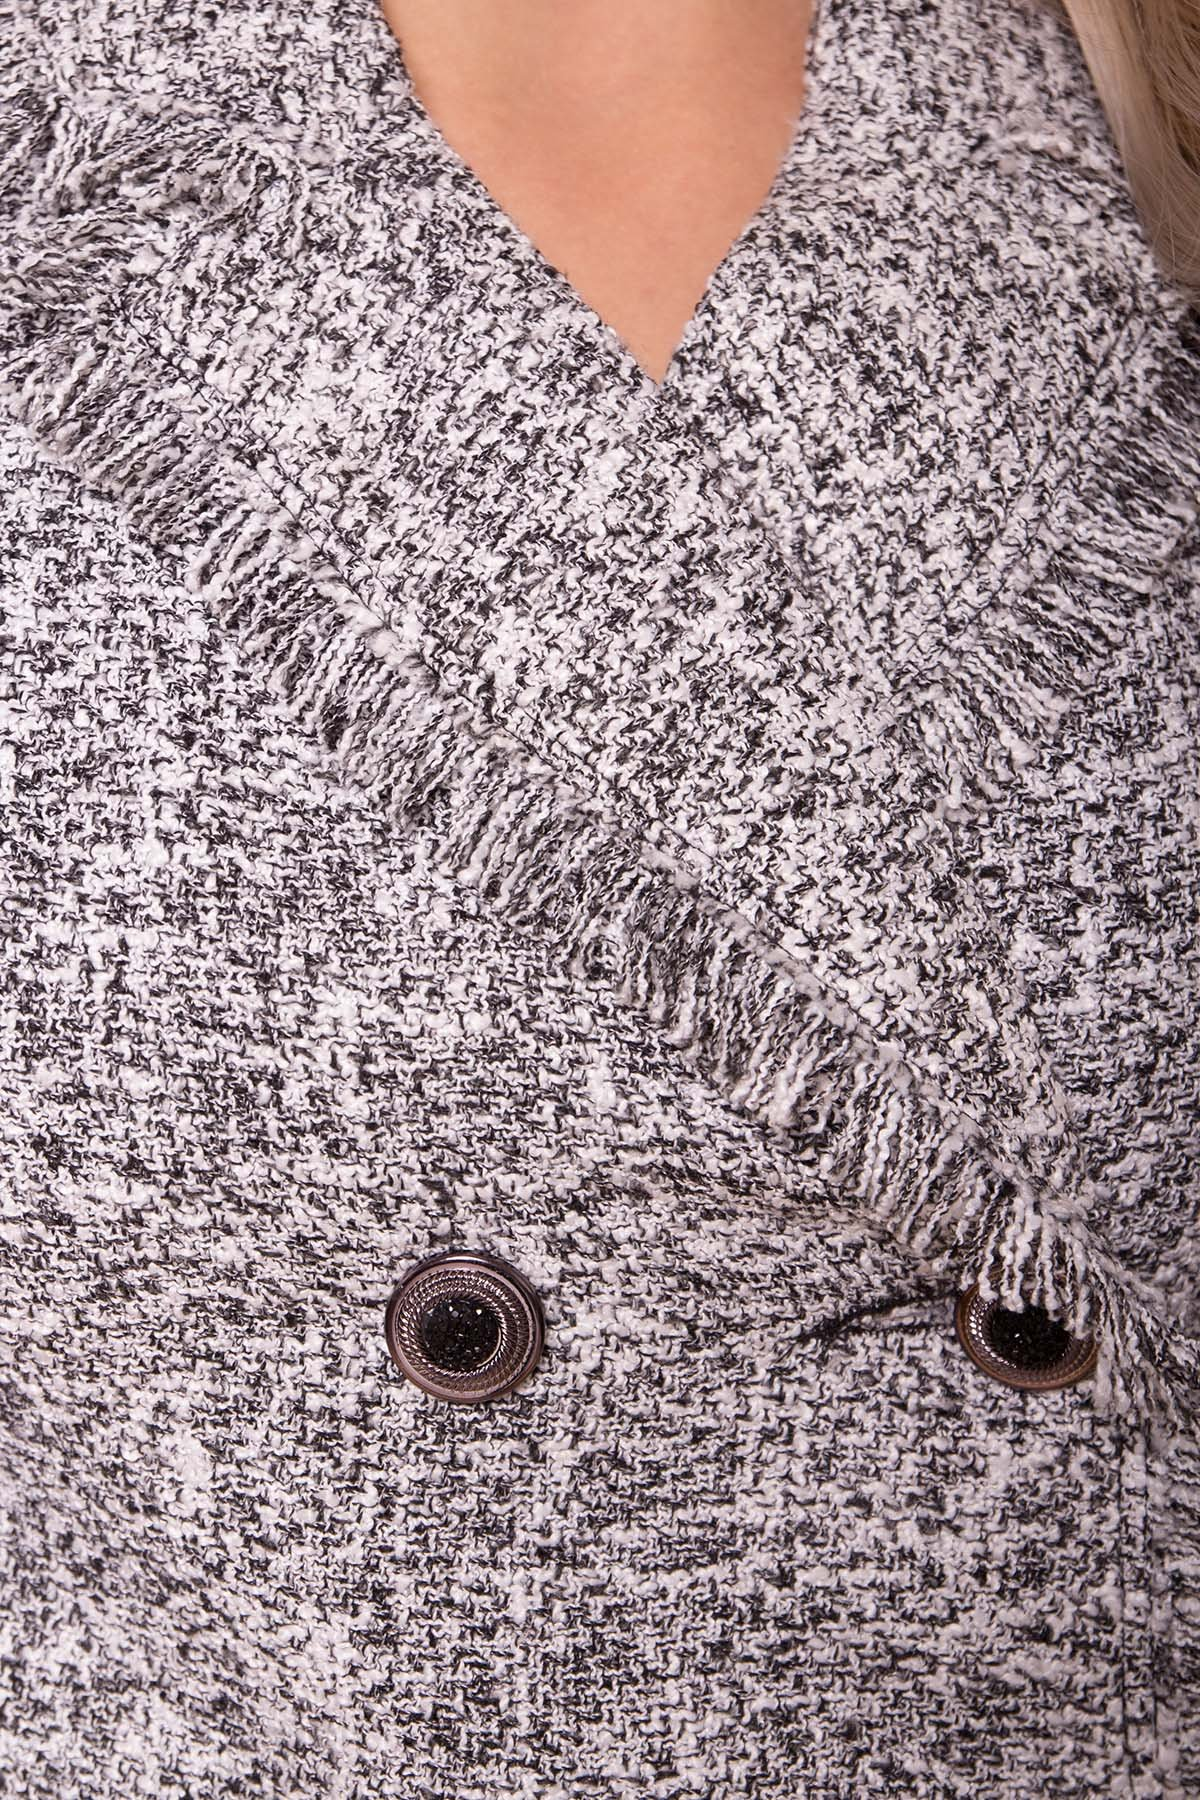 Платье-жакет Коко 5859 АРТ. 40581 Цвет: Серый Темный меланж - фото 4, интернет магазин tm-modus.ru